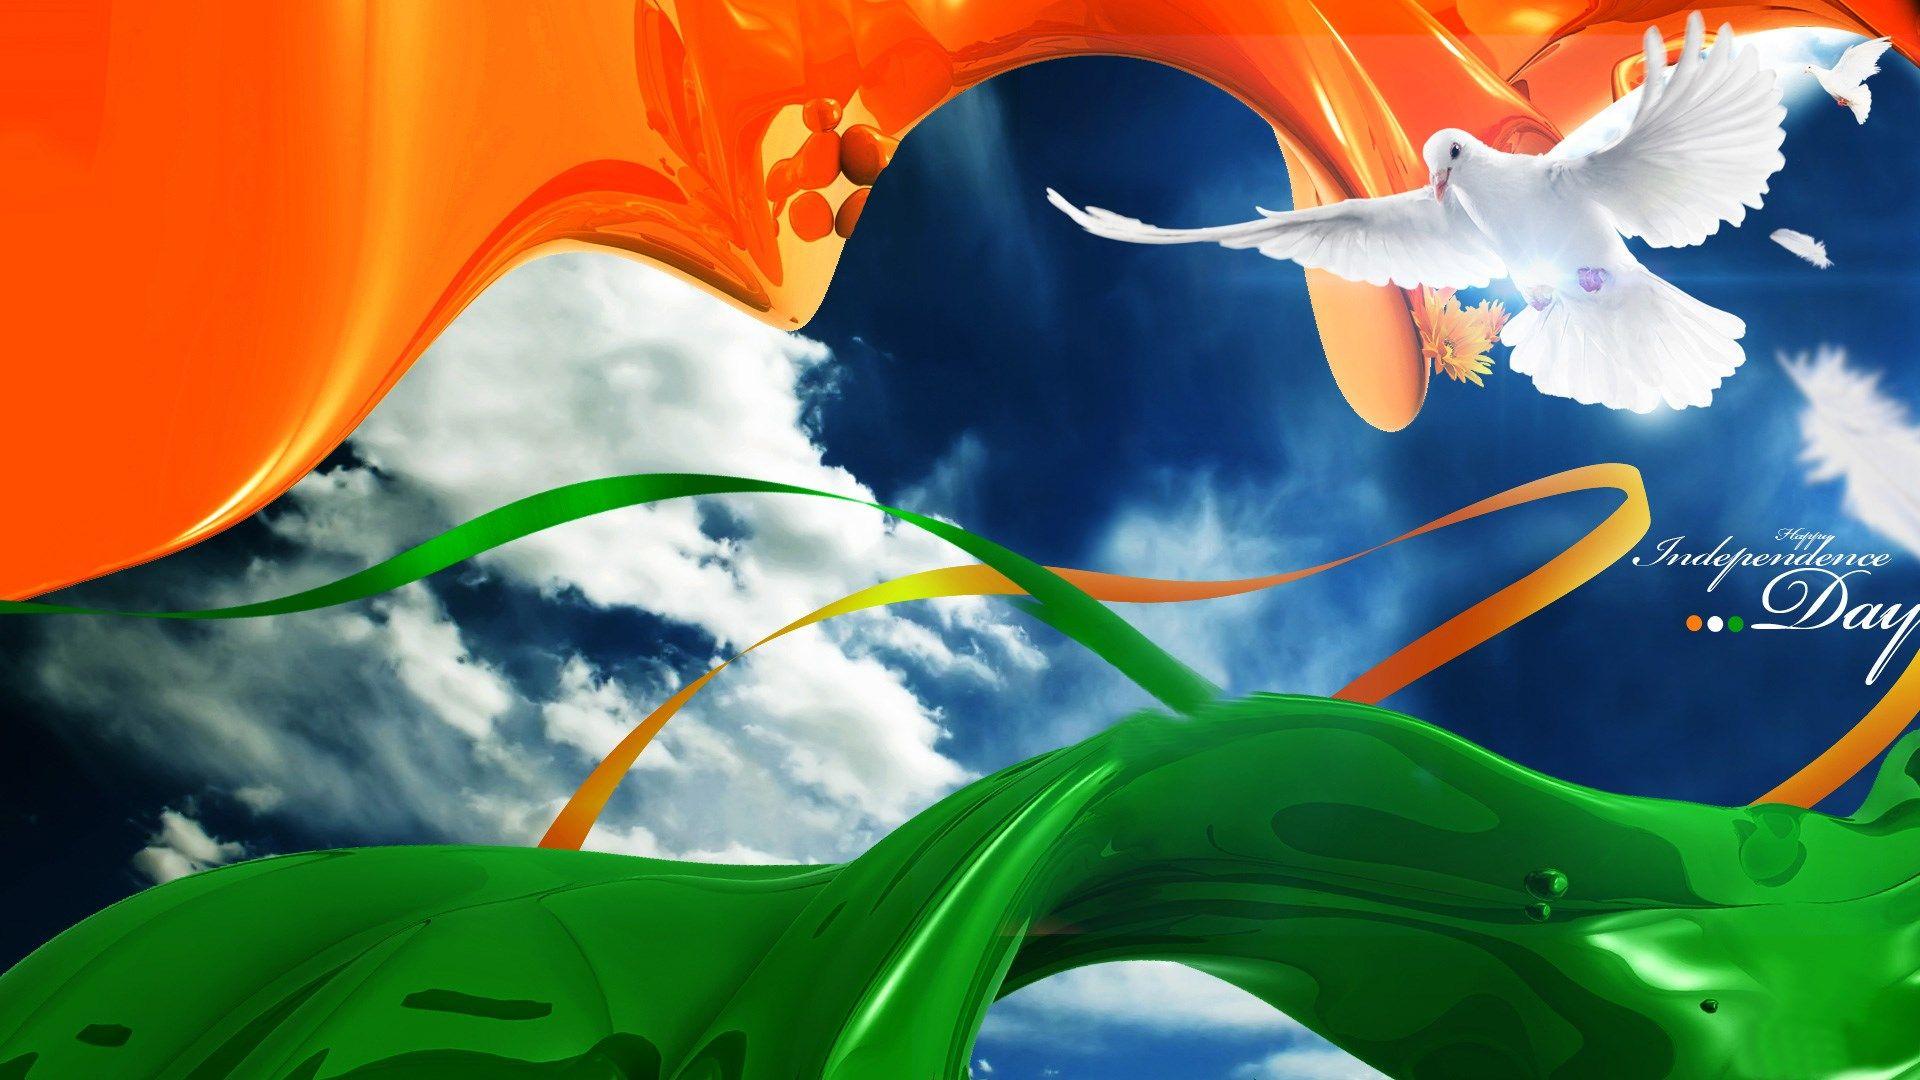 Надписями смыслом, день независимости индии открытки